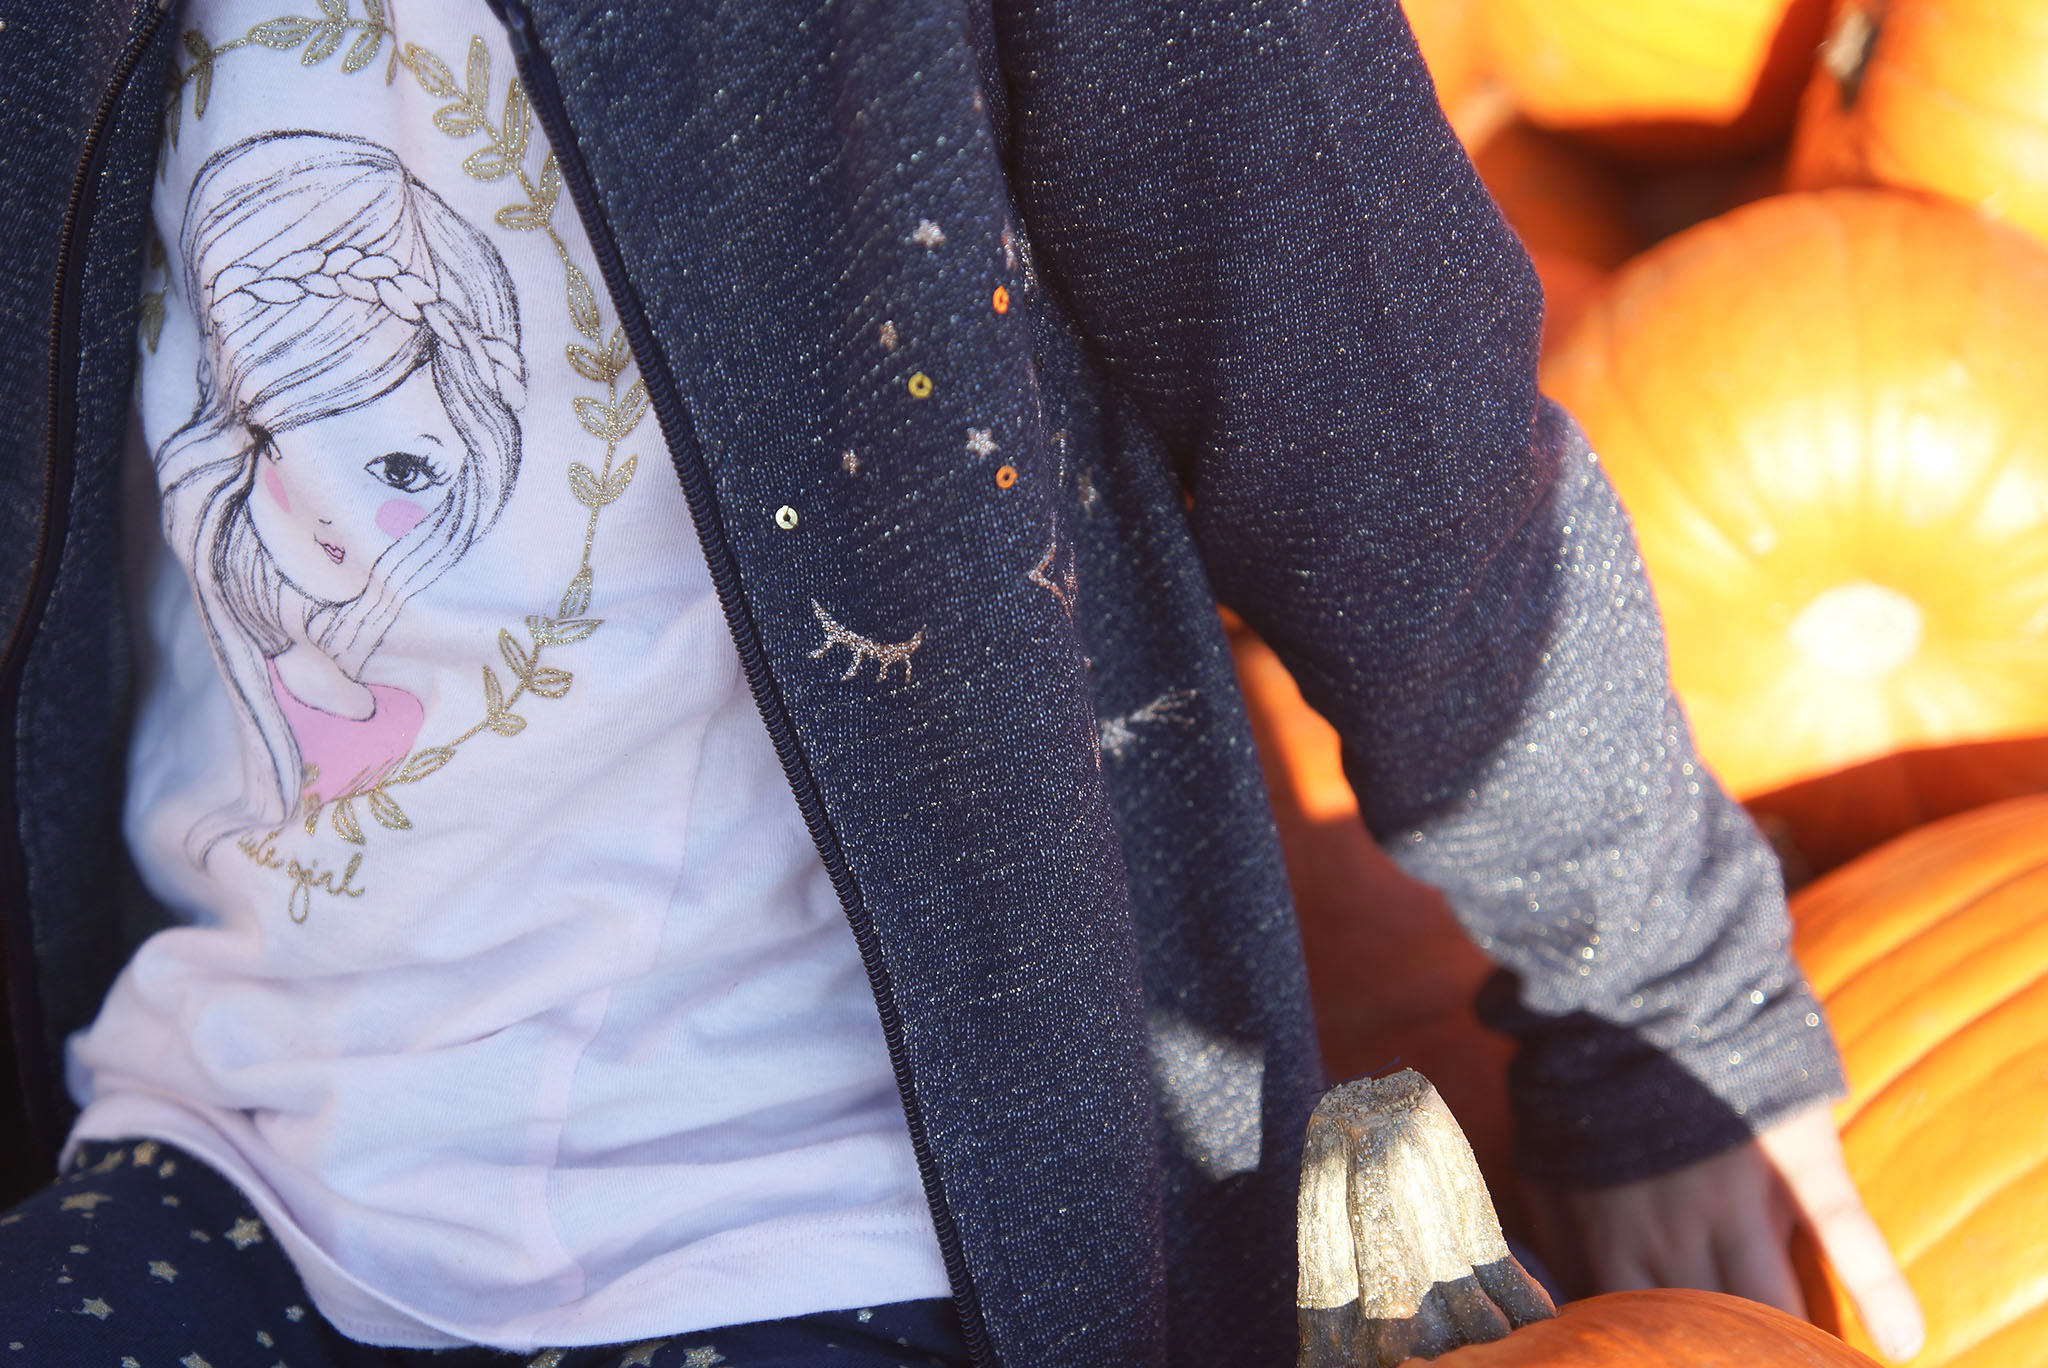 jak ubrać dziecko jesienią, moda dziecięca, jesień, 5.10.15.